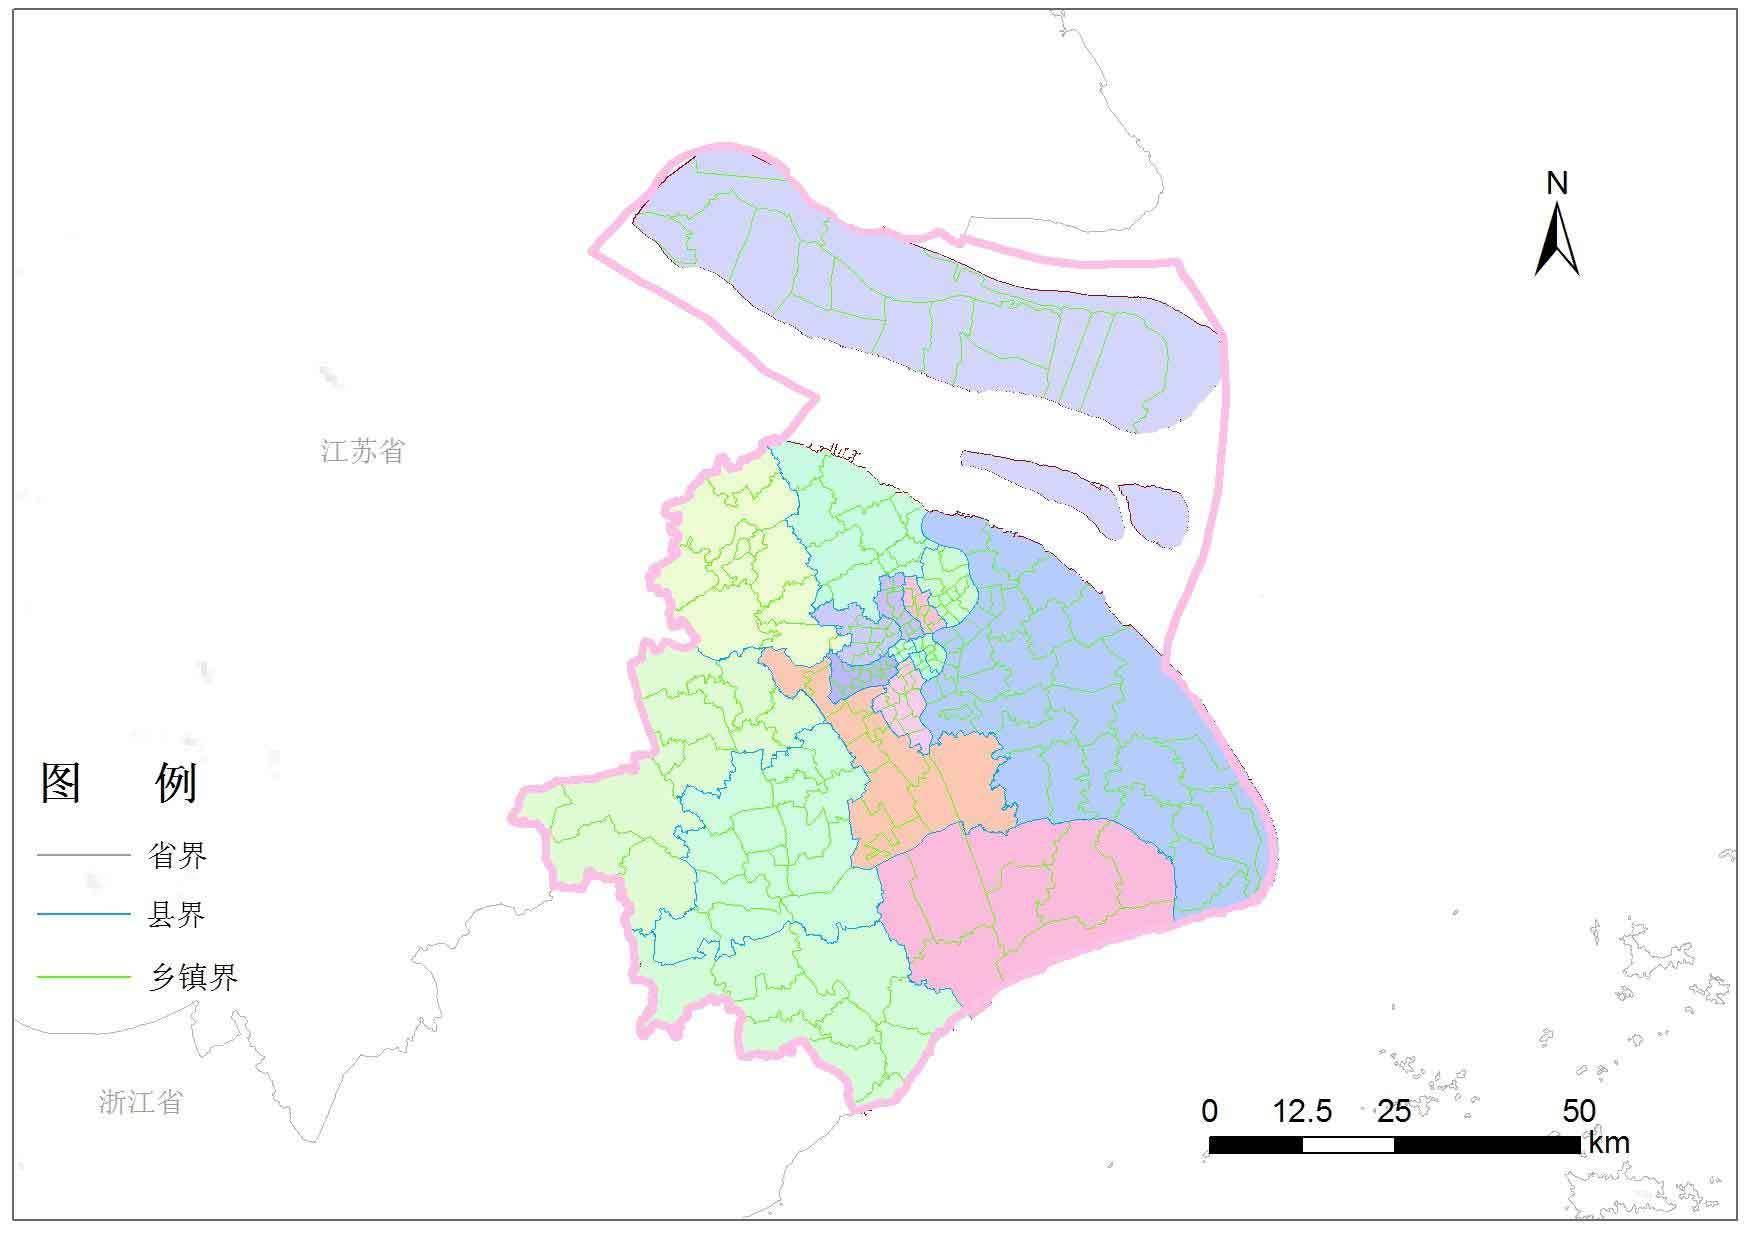 上海市乡镇行政区划数据